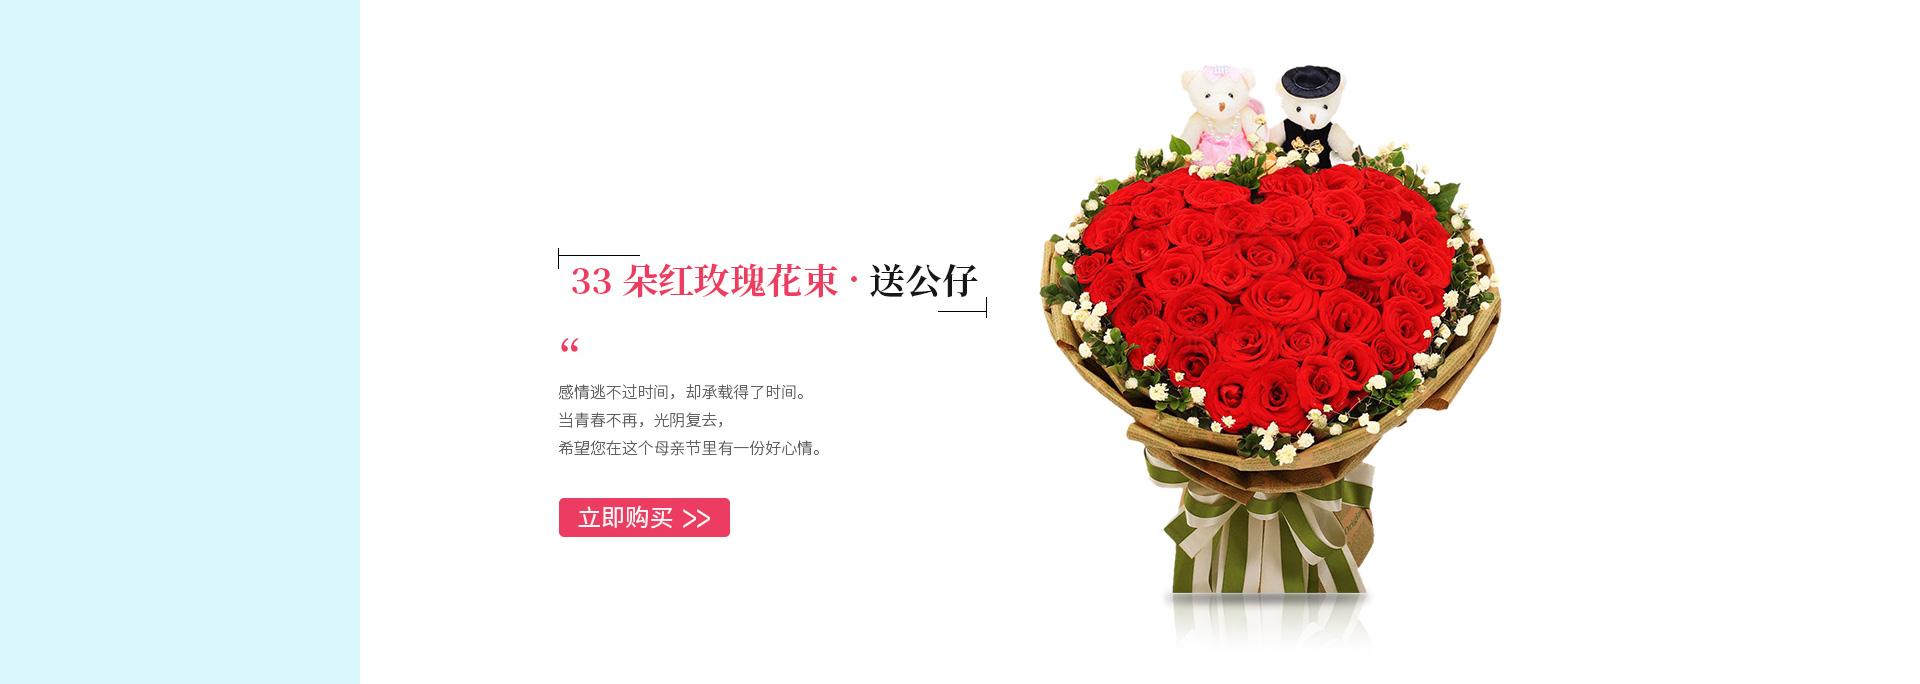 33朵红玫瑰花束